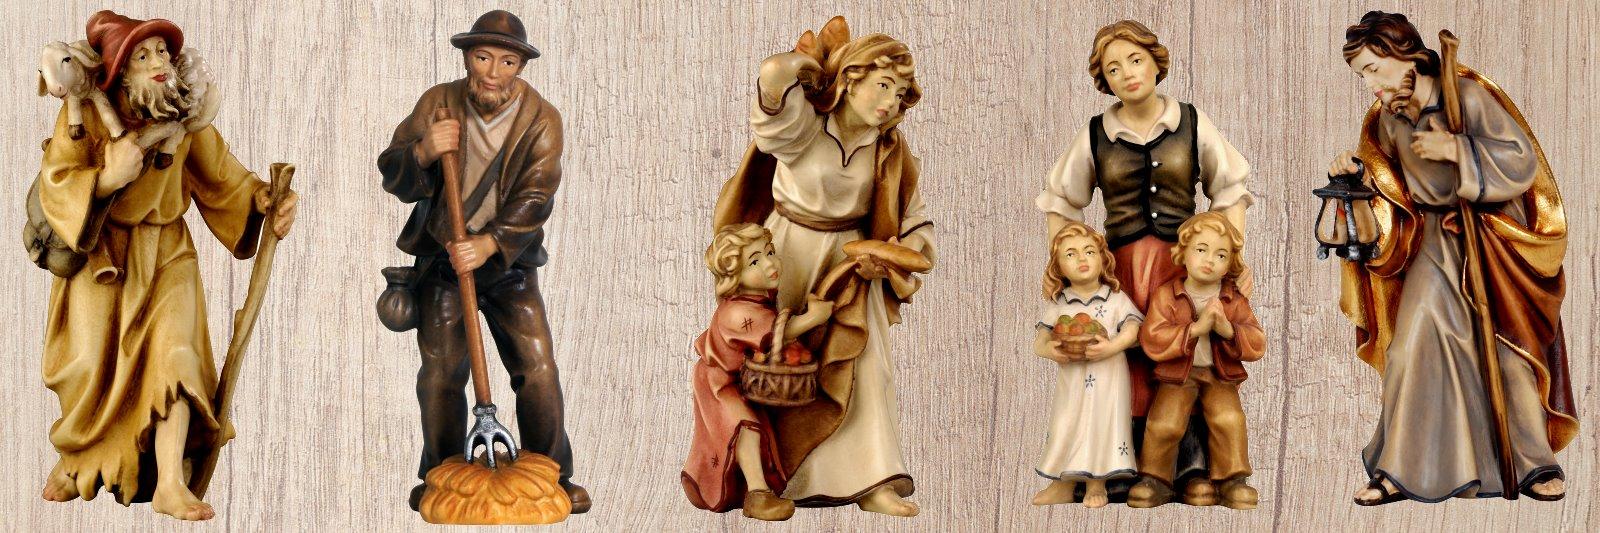 Holzschnitzereien Hafner - Große Auswahl, preiswerte Geschenke